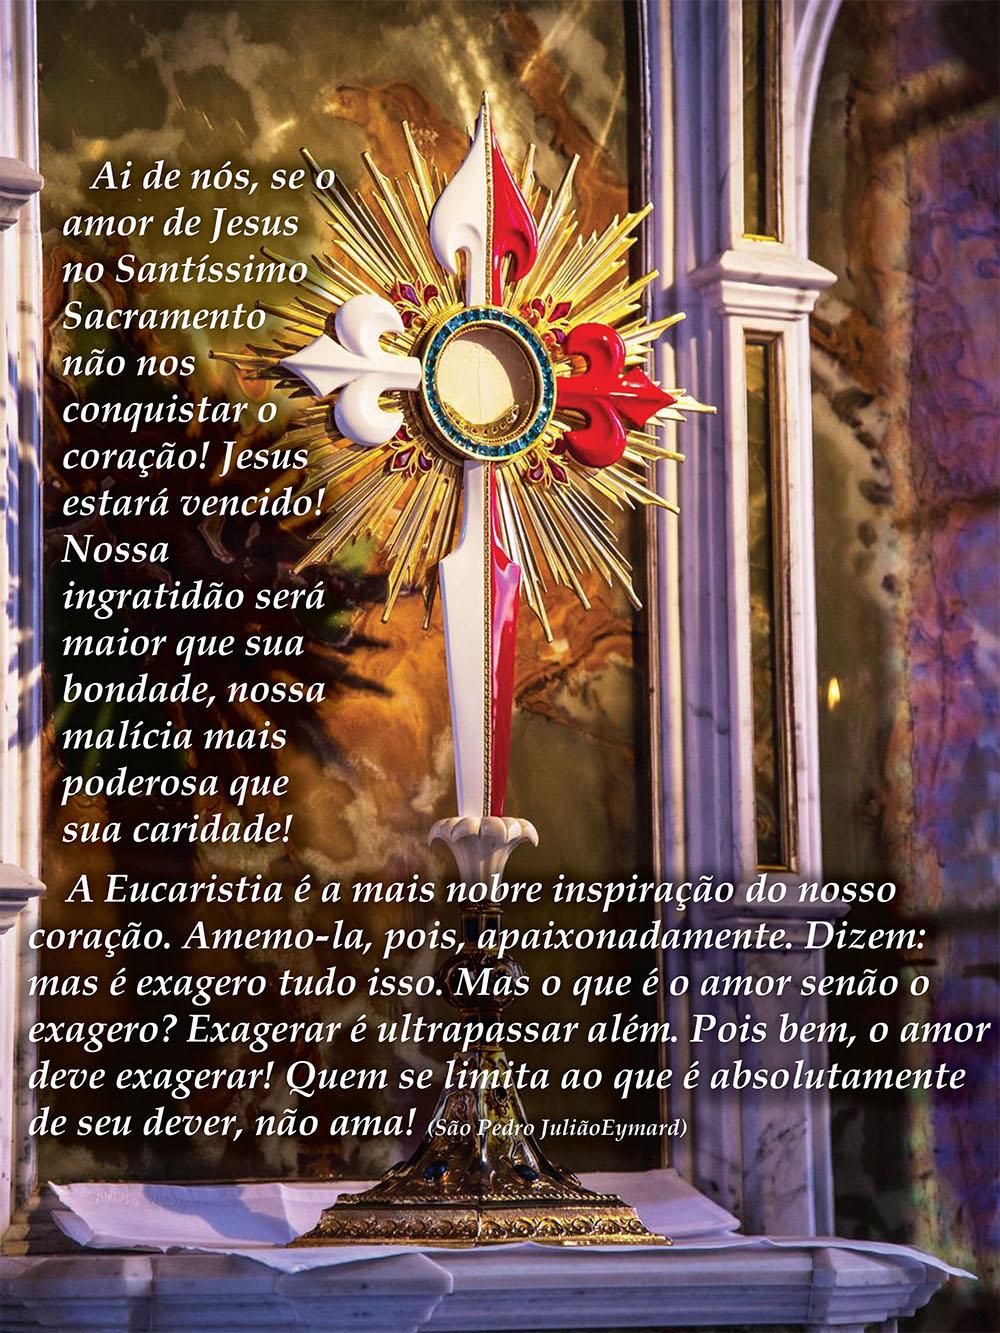 Frase Da Semana Ai De Nós Se O Amor De Jesus No Santíssimo